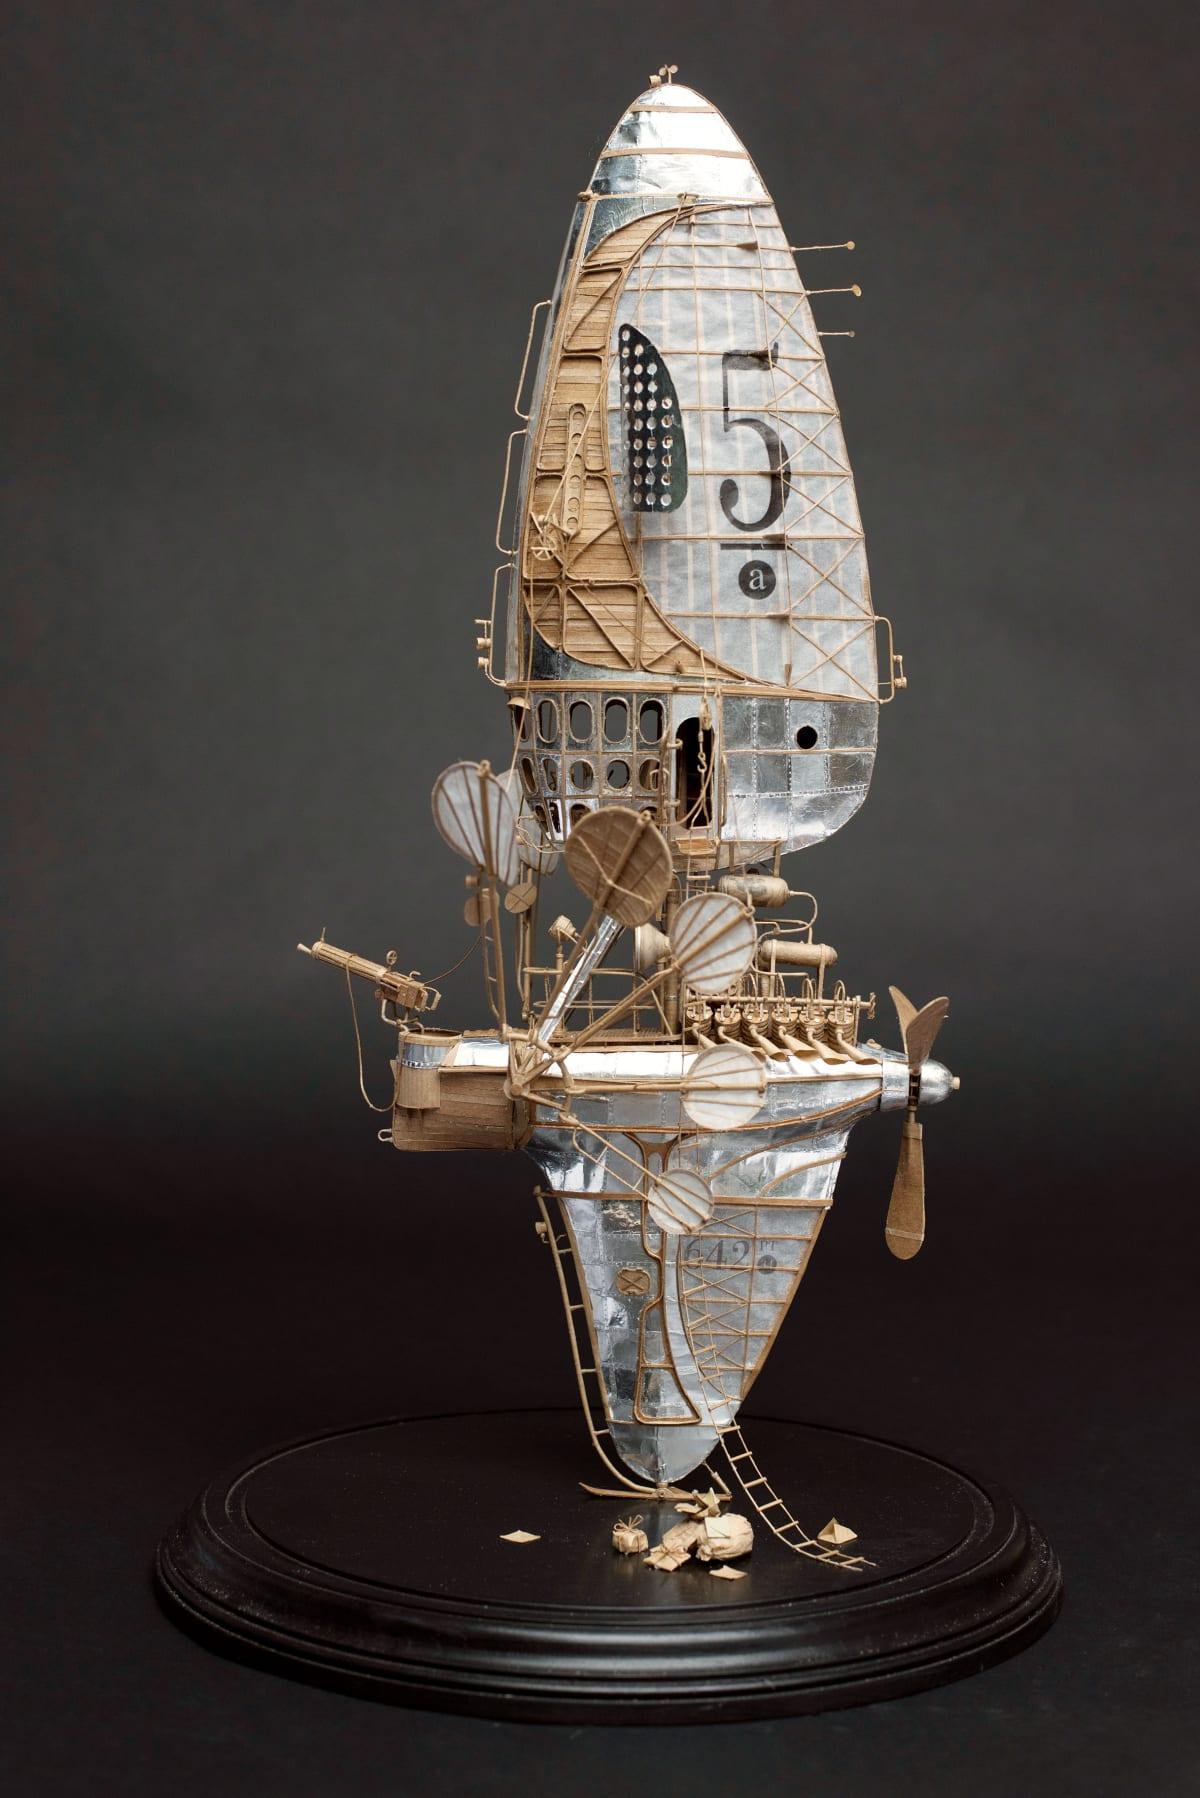 Jeroen van Kesteren, The Safe Delivery